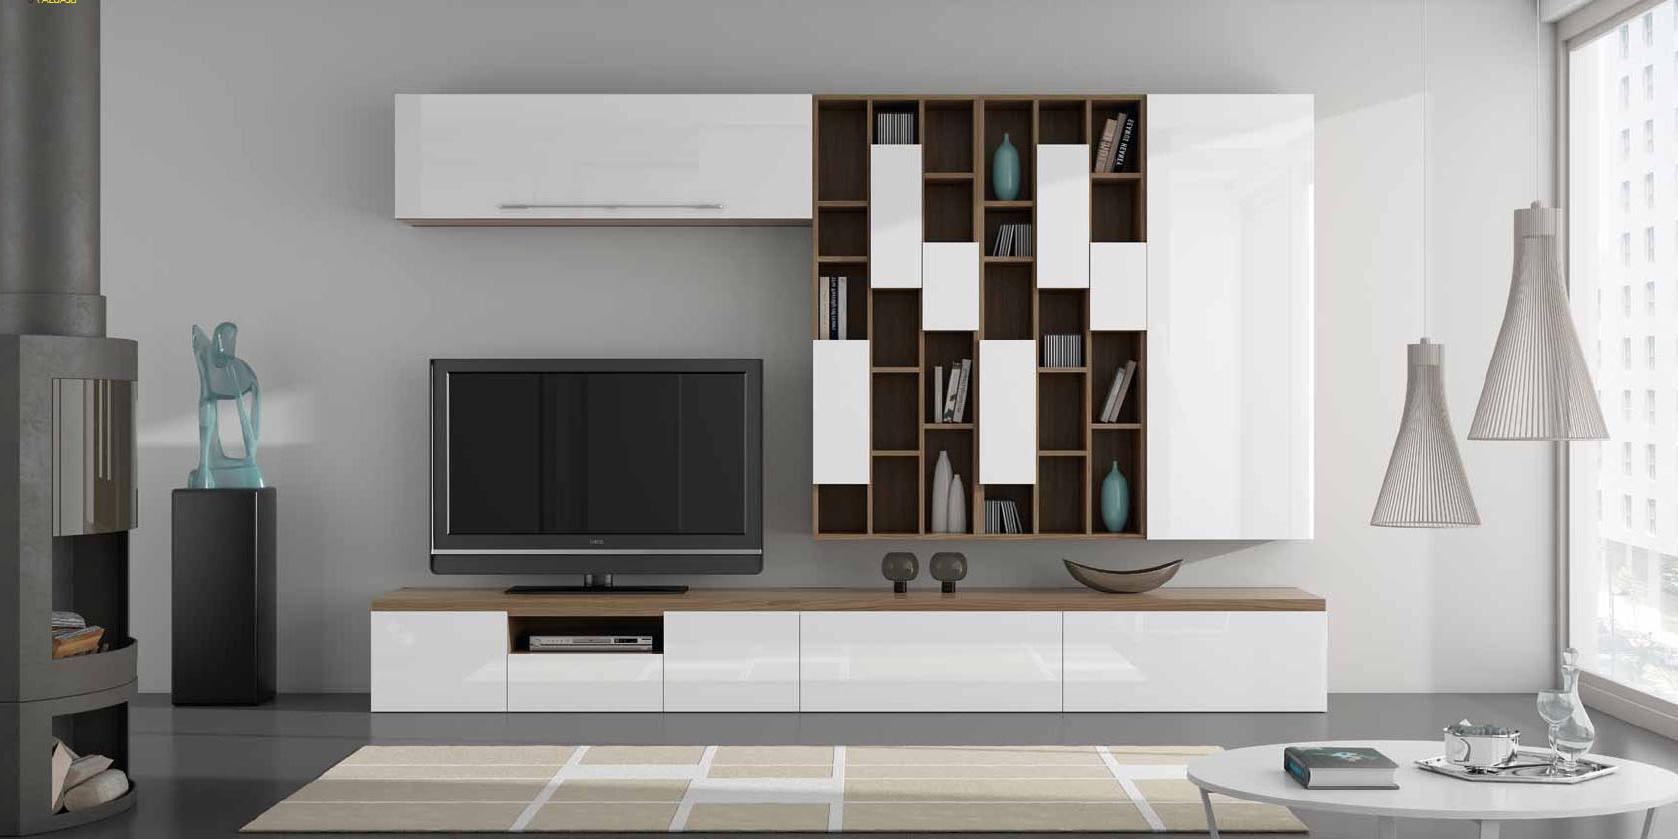 Muebles Salon Blanco Y Madera U3dh Salones Con Muebles Lacados En Blanco Y Madera Villalba Interiorismo